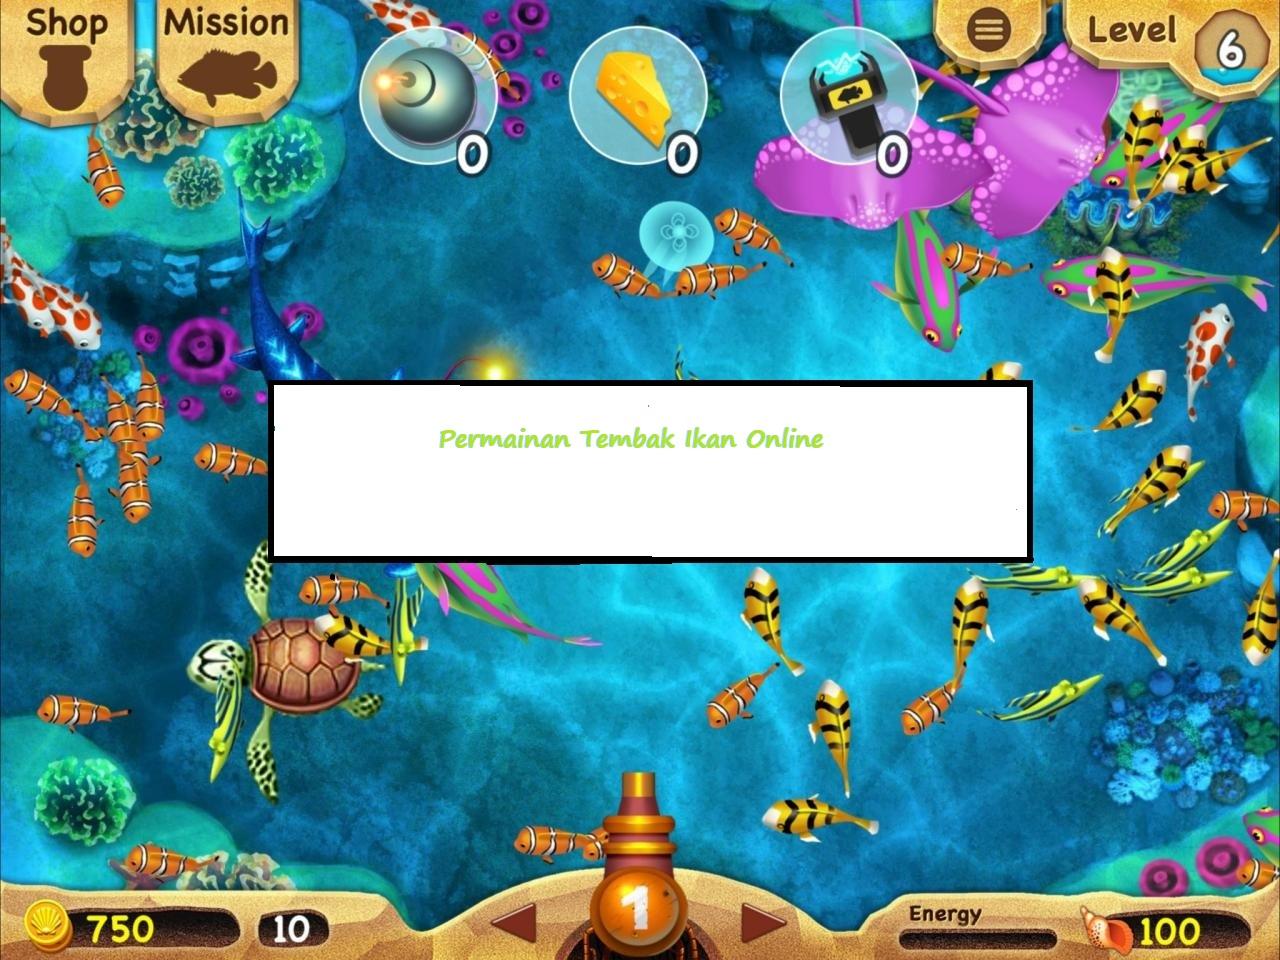 Melaksanakan Permainan Tembak Ikan Online